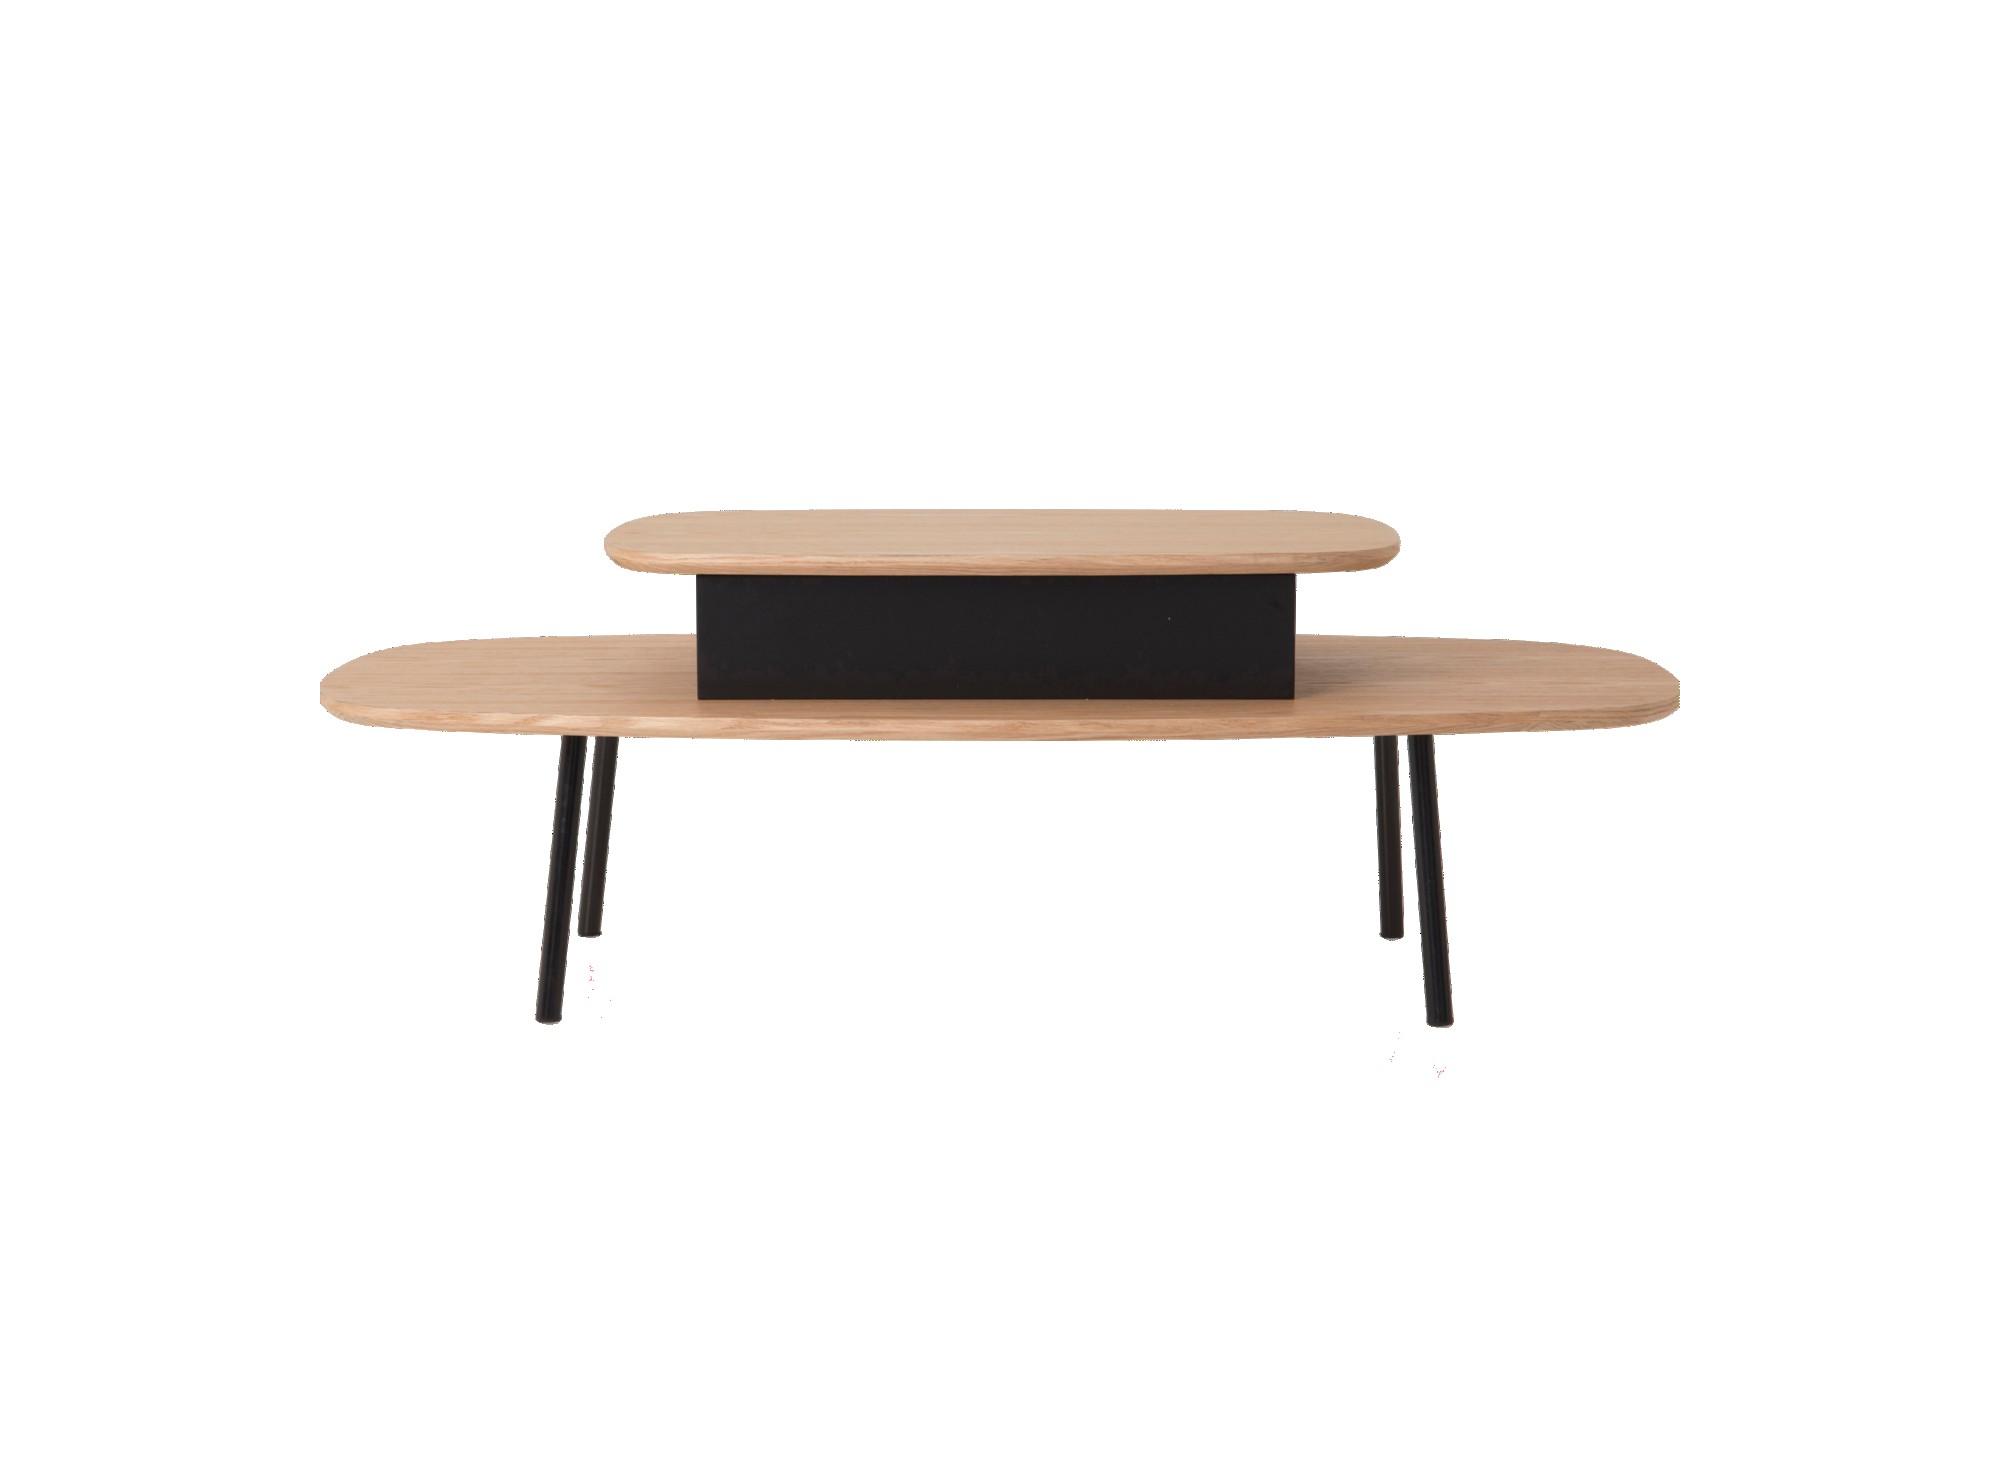 Maison De Et Table Idée Fly Basse Déco Kubo wm0v8ONn